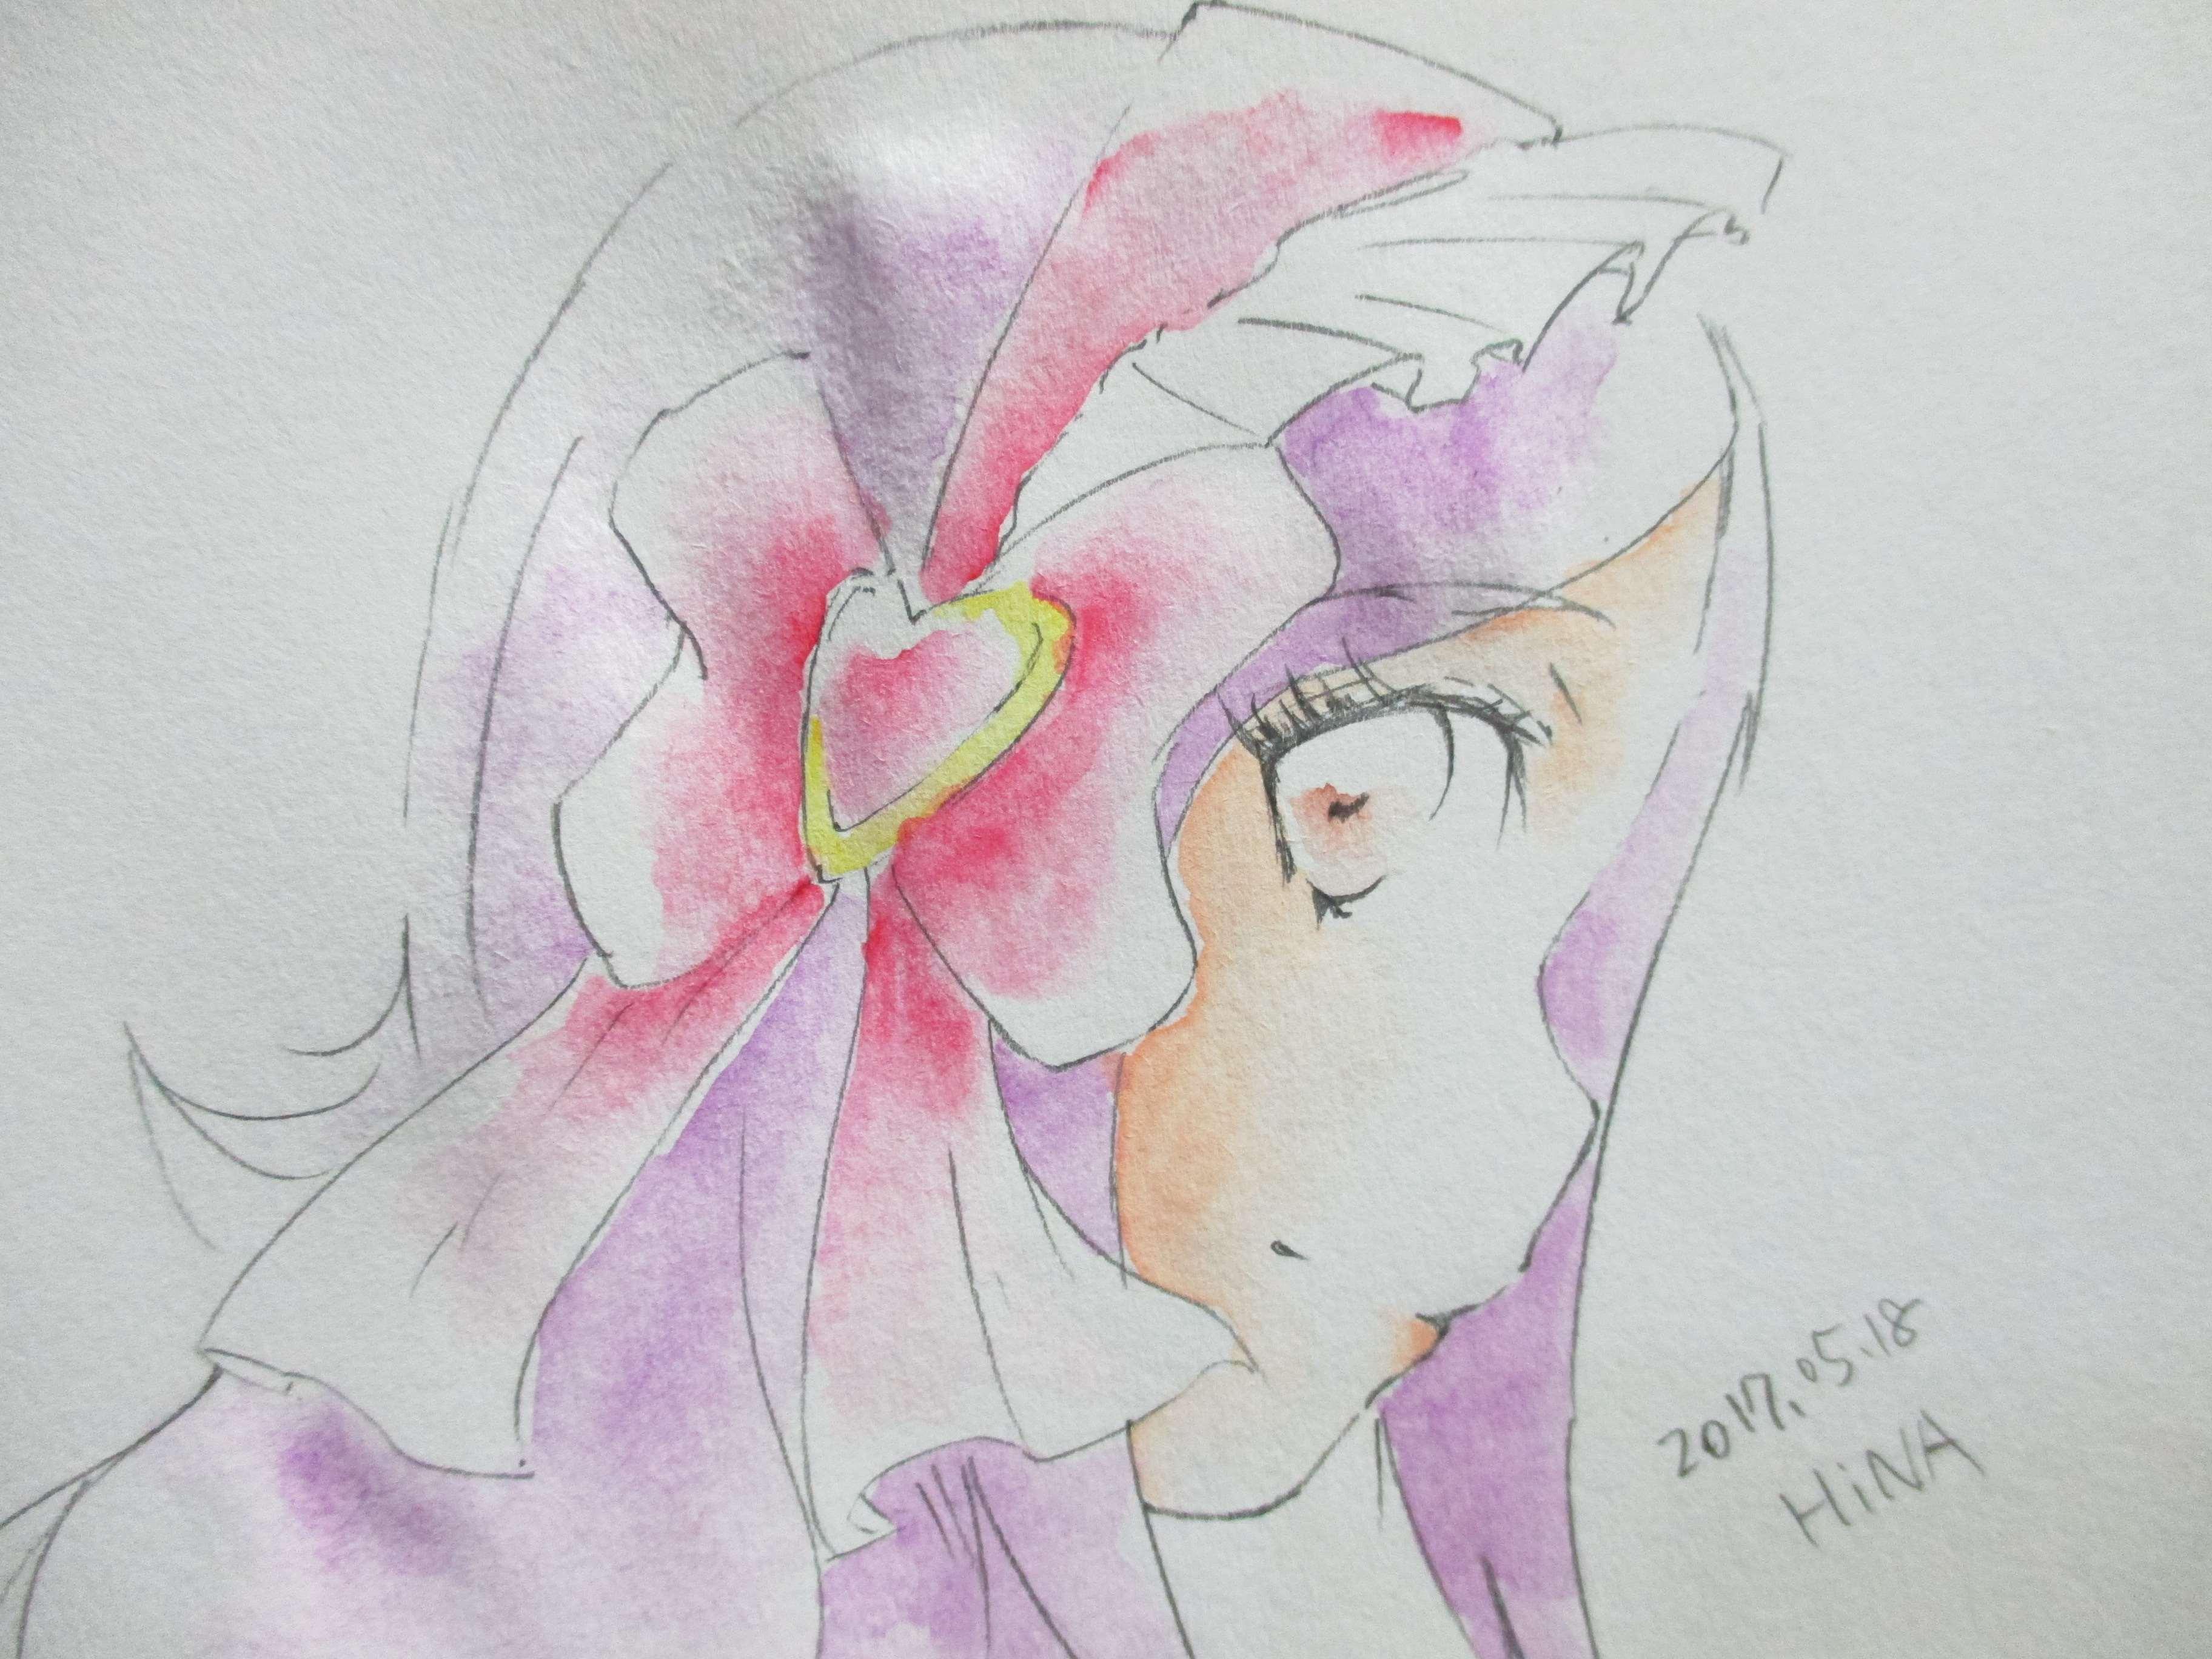 ひなひな @ TOS ライマ (@hinata_hinako)さんのイラスト